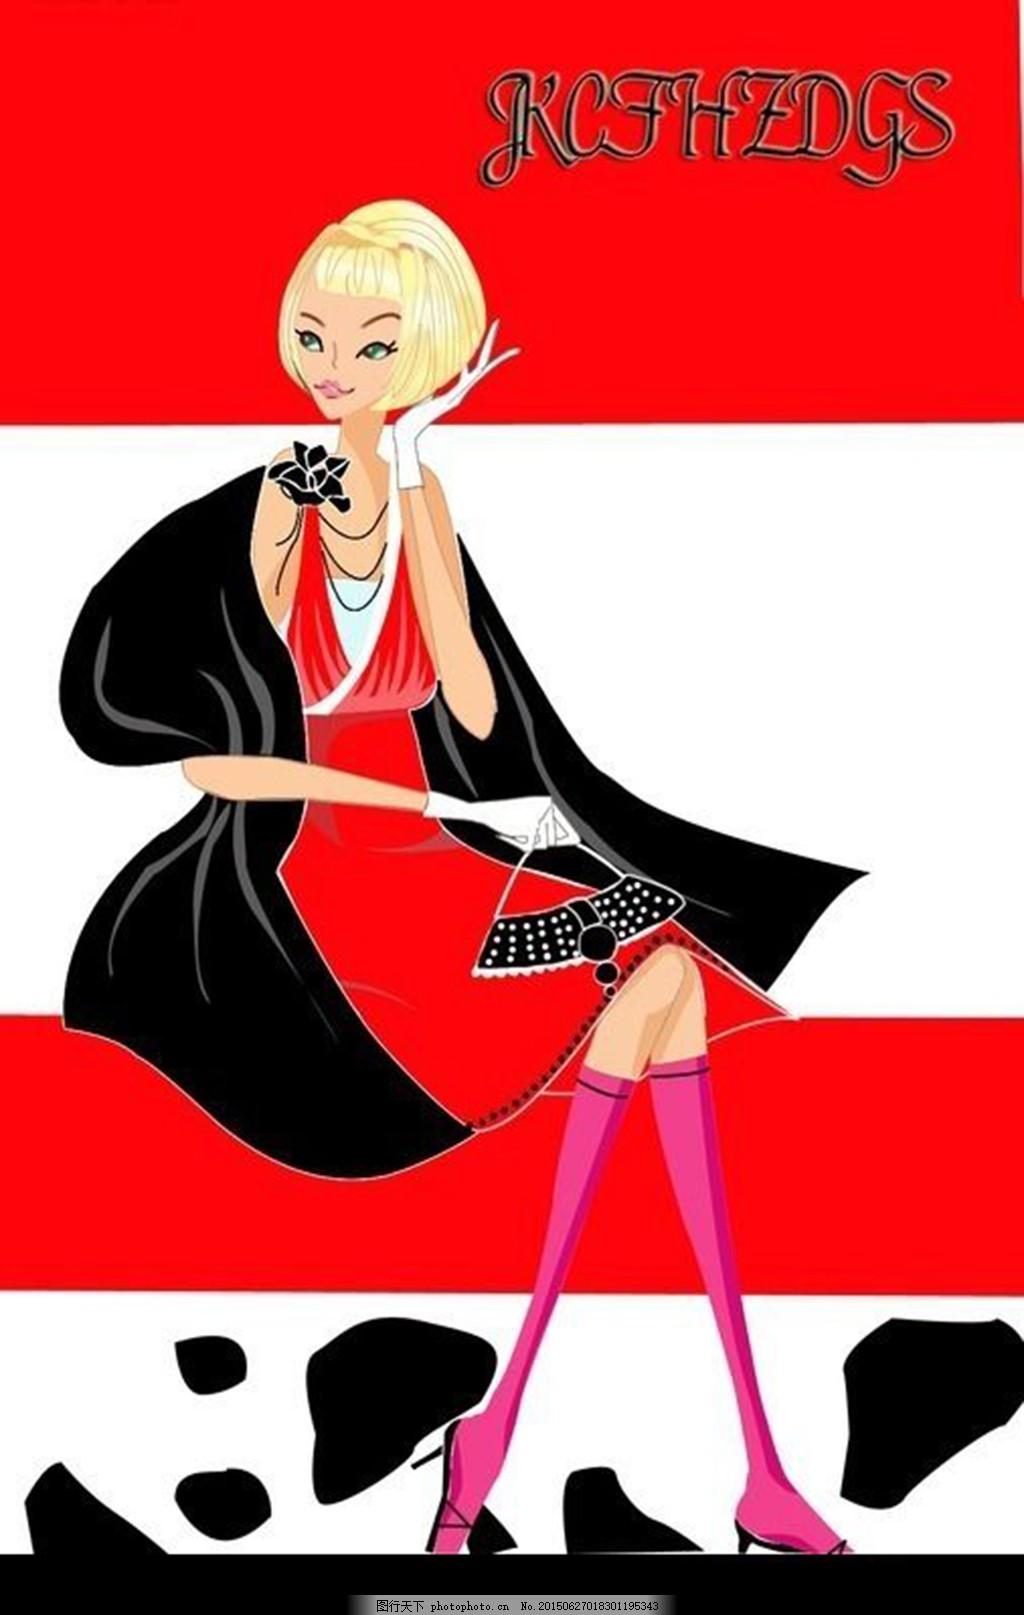 卡通 插画 女孩 短头发 红裙子 皮包 高跟鞋 黑披肩 卡通人物 漫画 时